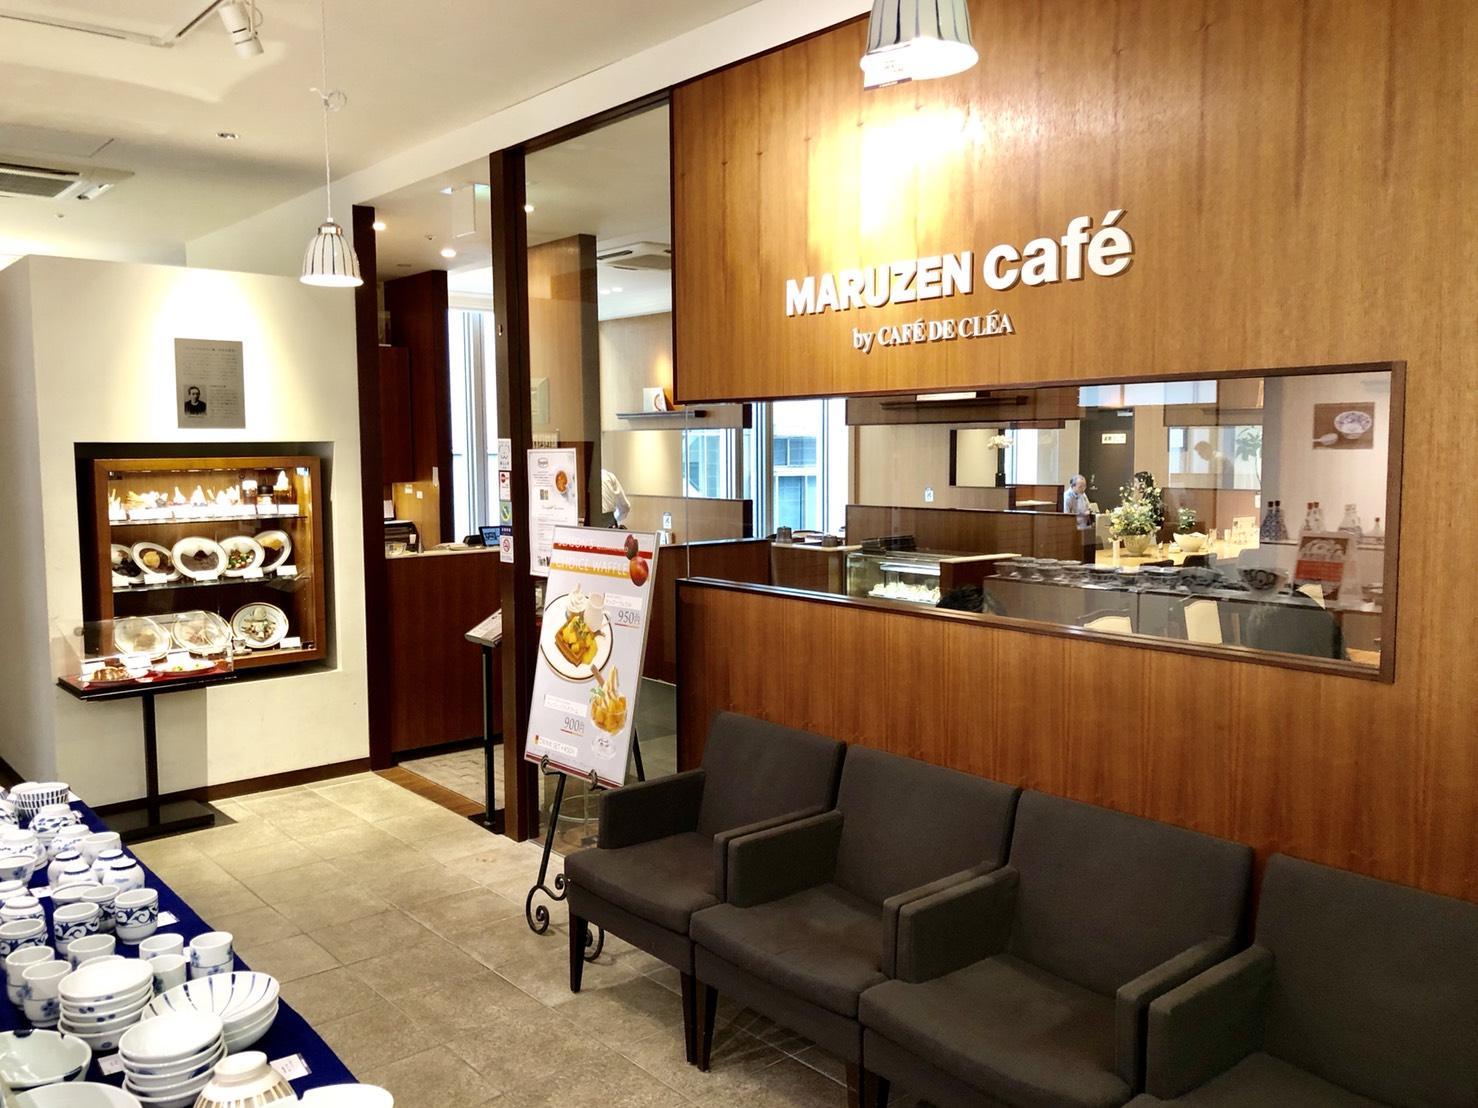 丸善 日本橋店(MARUZEN Cafe)